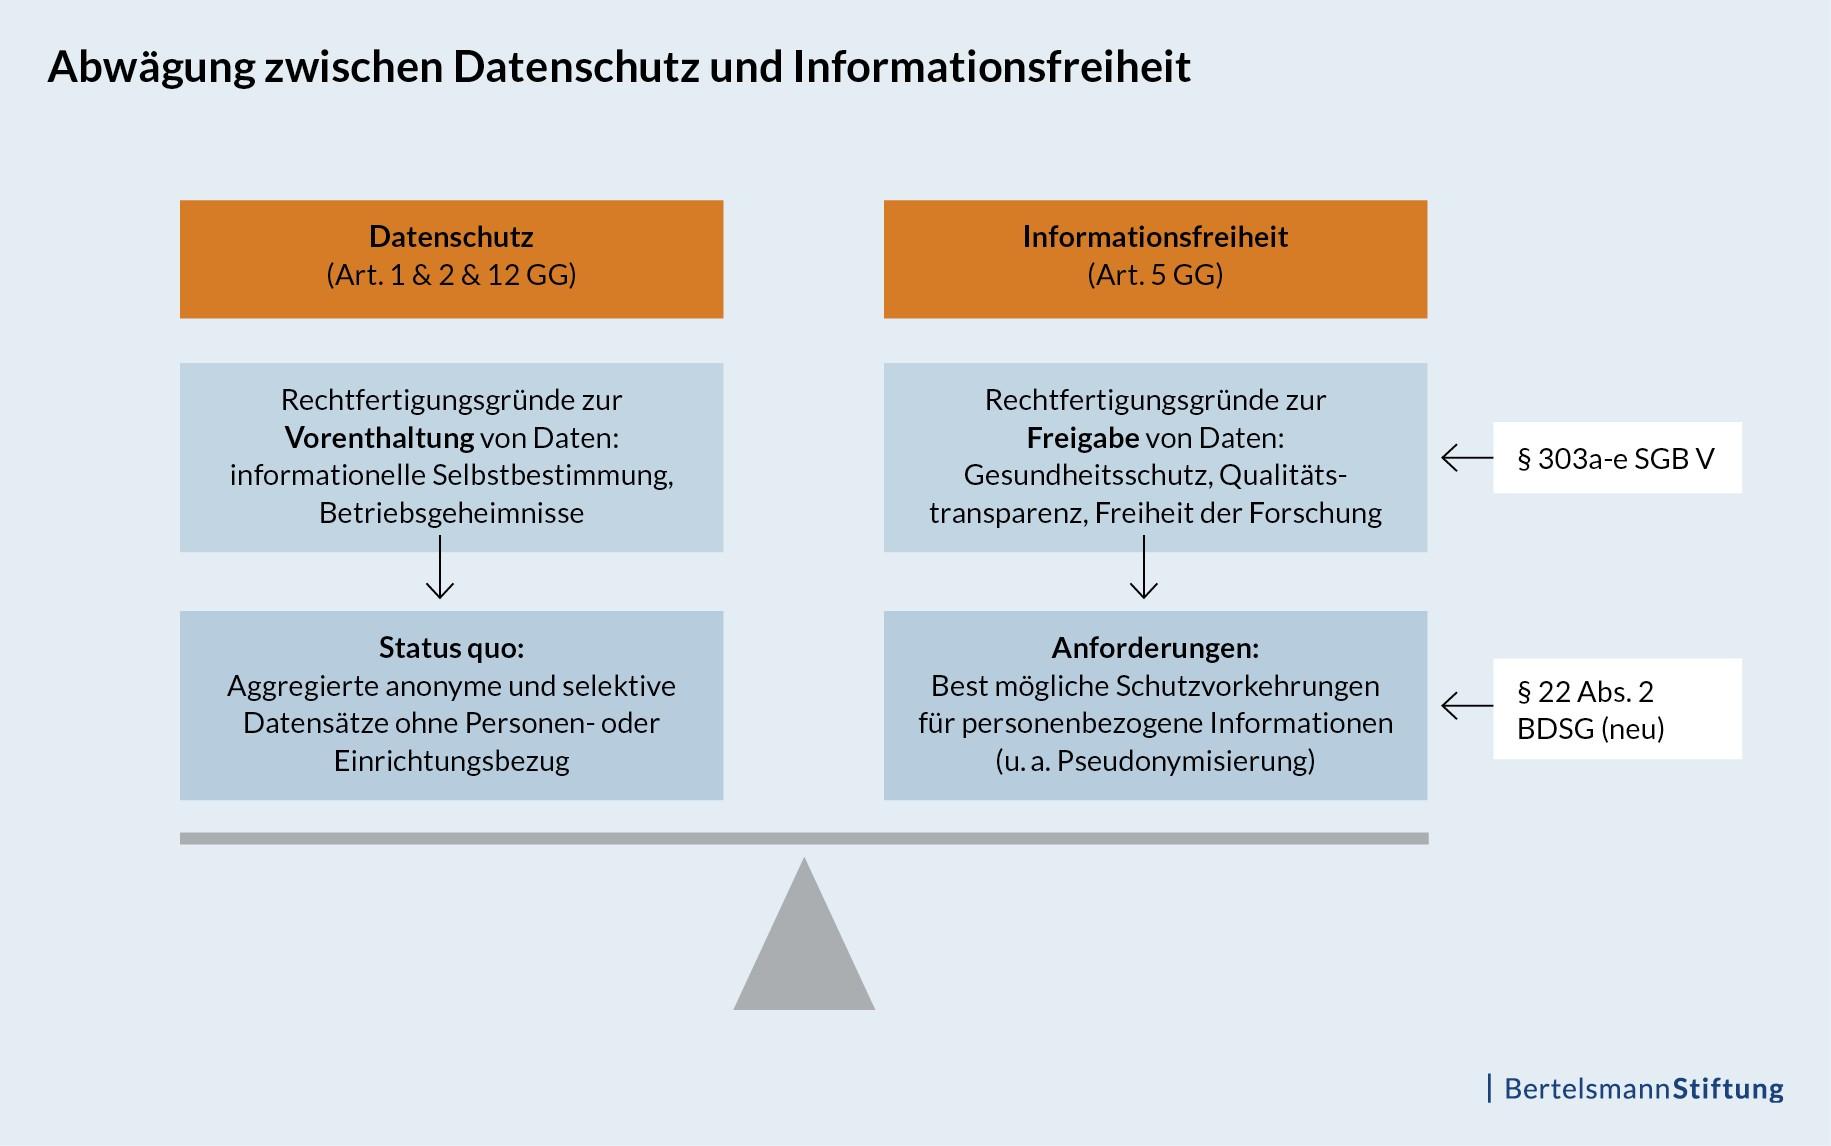 Abwägung zwischen Datenschutz und Informationsfreiheit